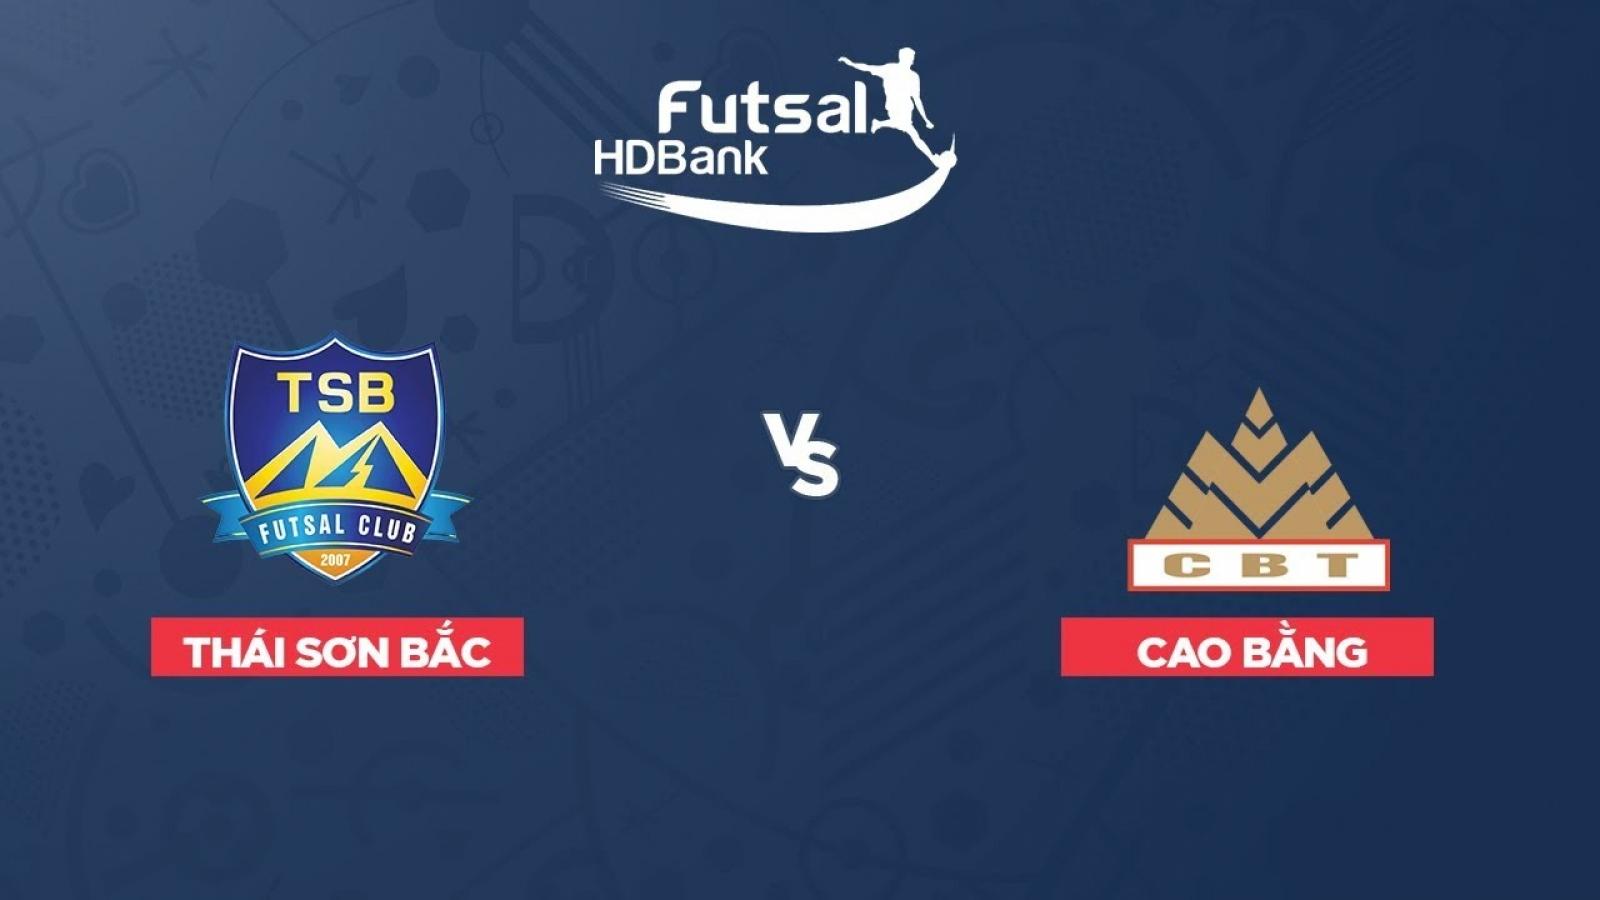 Xem trực tiếp Futsal HDBank VĐQG 2020: Thái Sơn Bắc - Cao Bằng